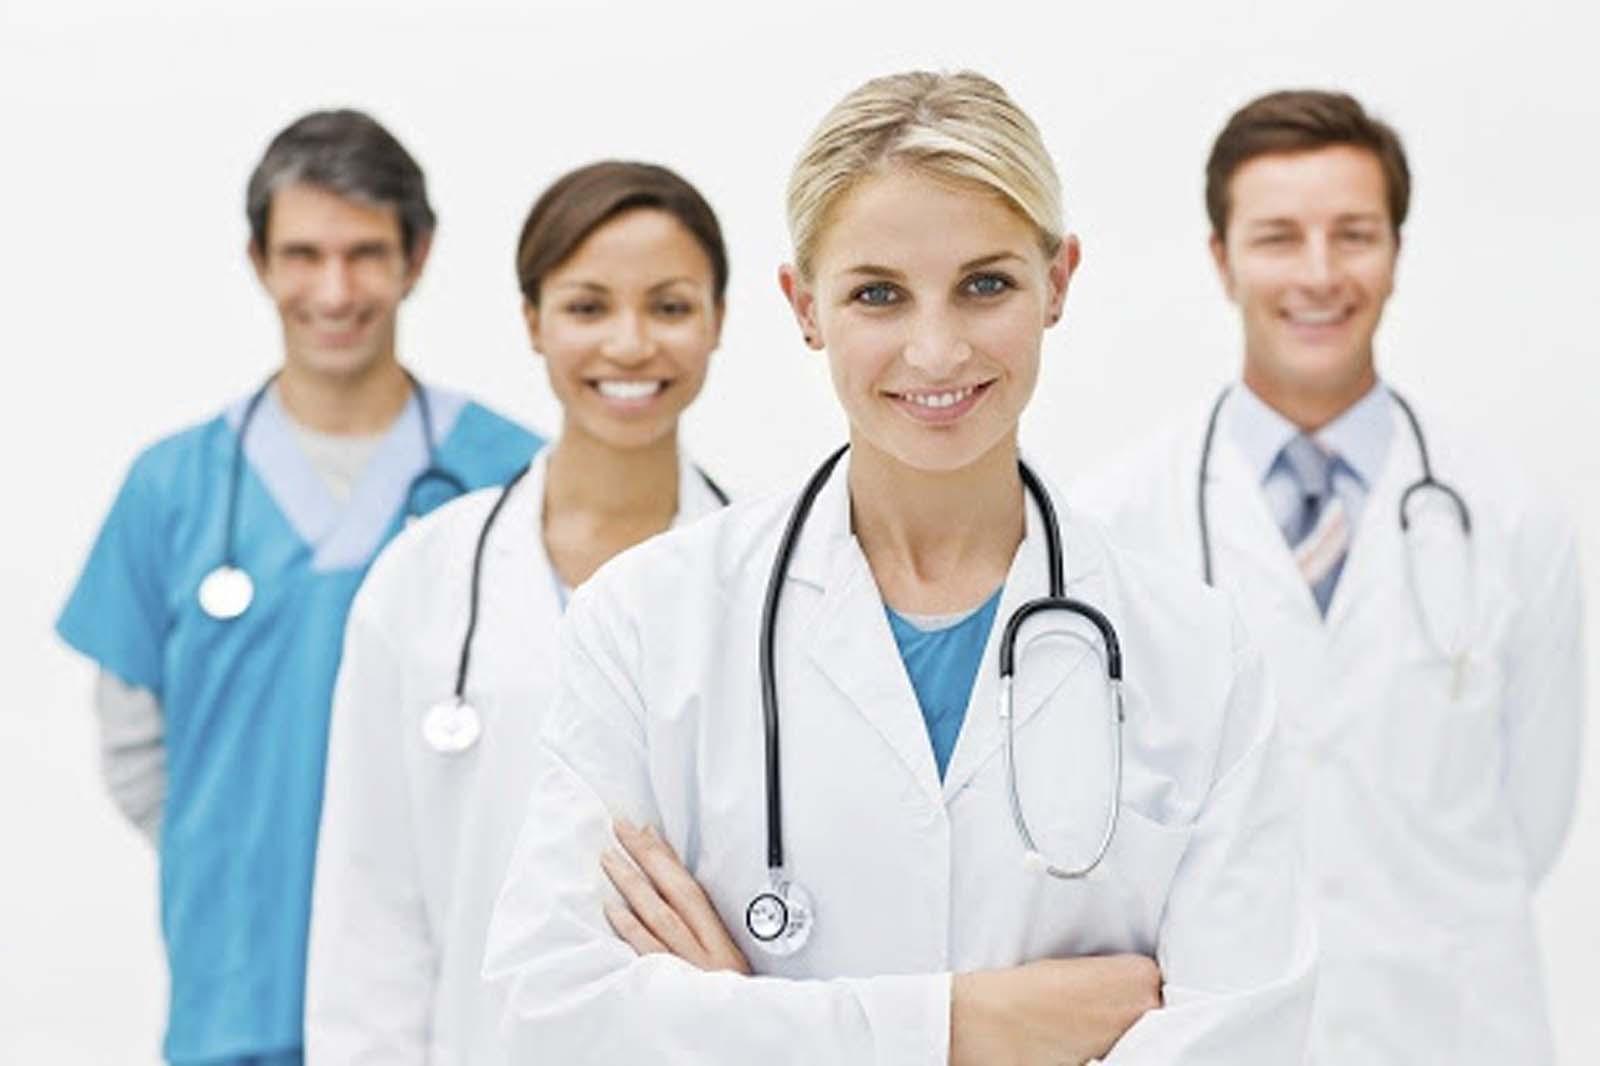 Sağlık çalışanları için geçerli olan ücretsiz kullanım hakları sona eriyor!